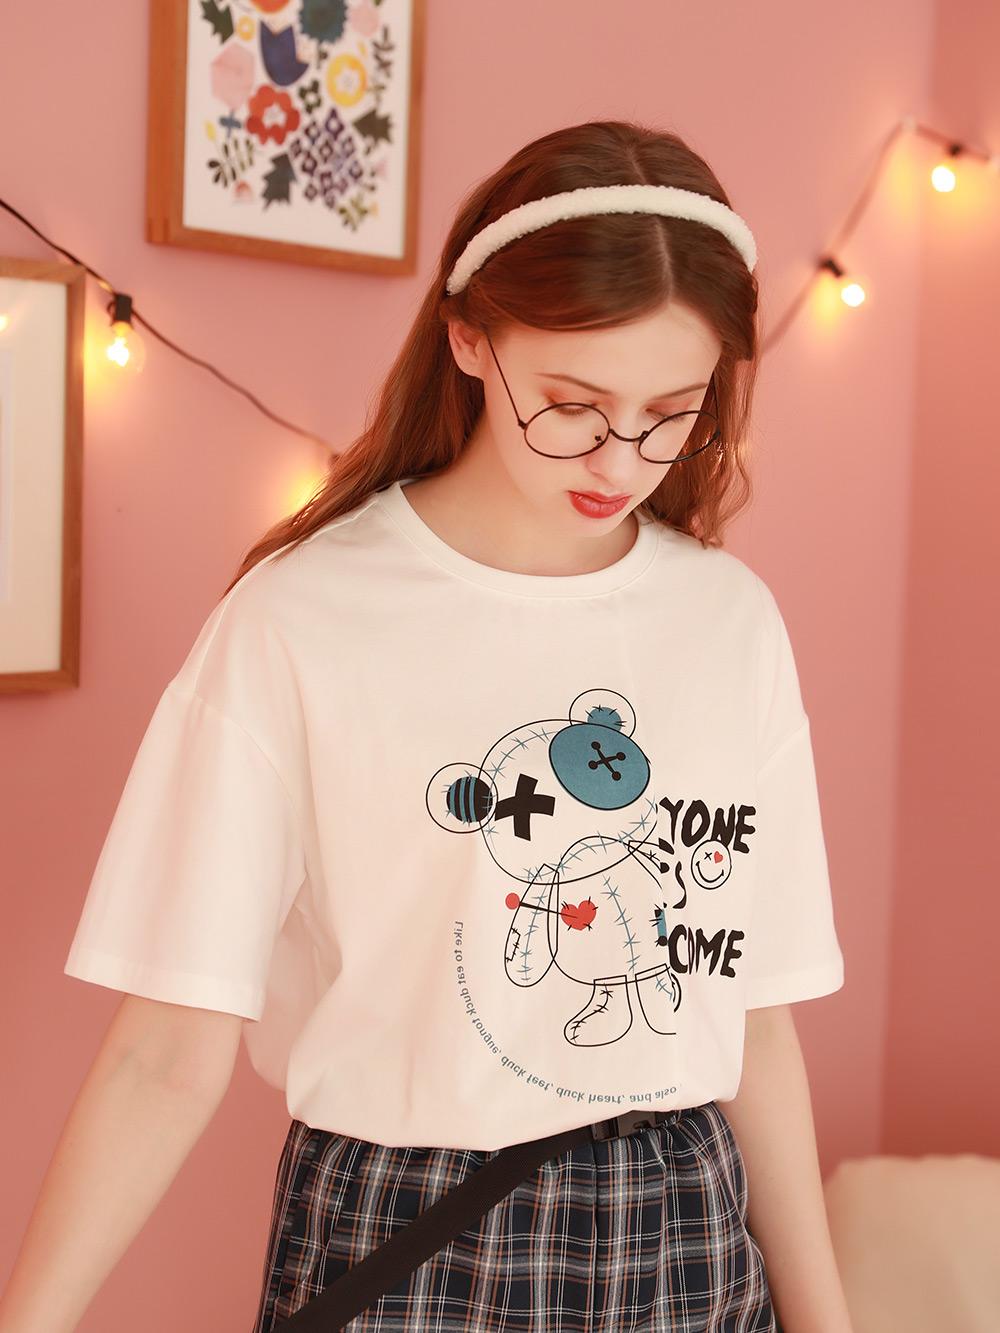 2021早春新款女上衣白色T恤短袖设计感小众不规则半袖体桖夏